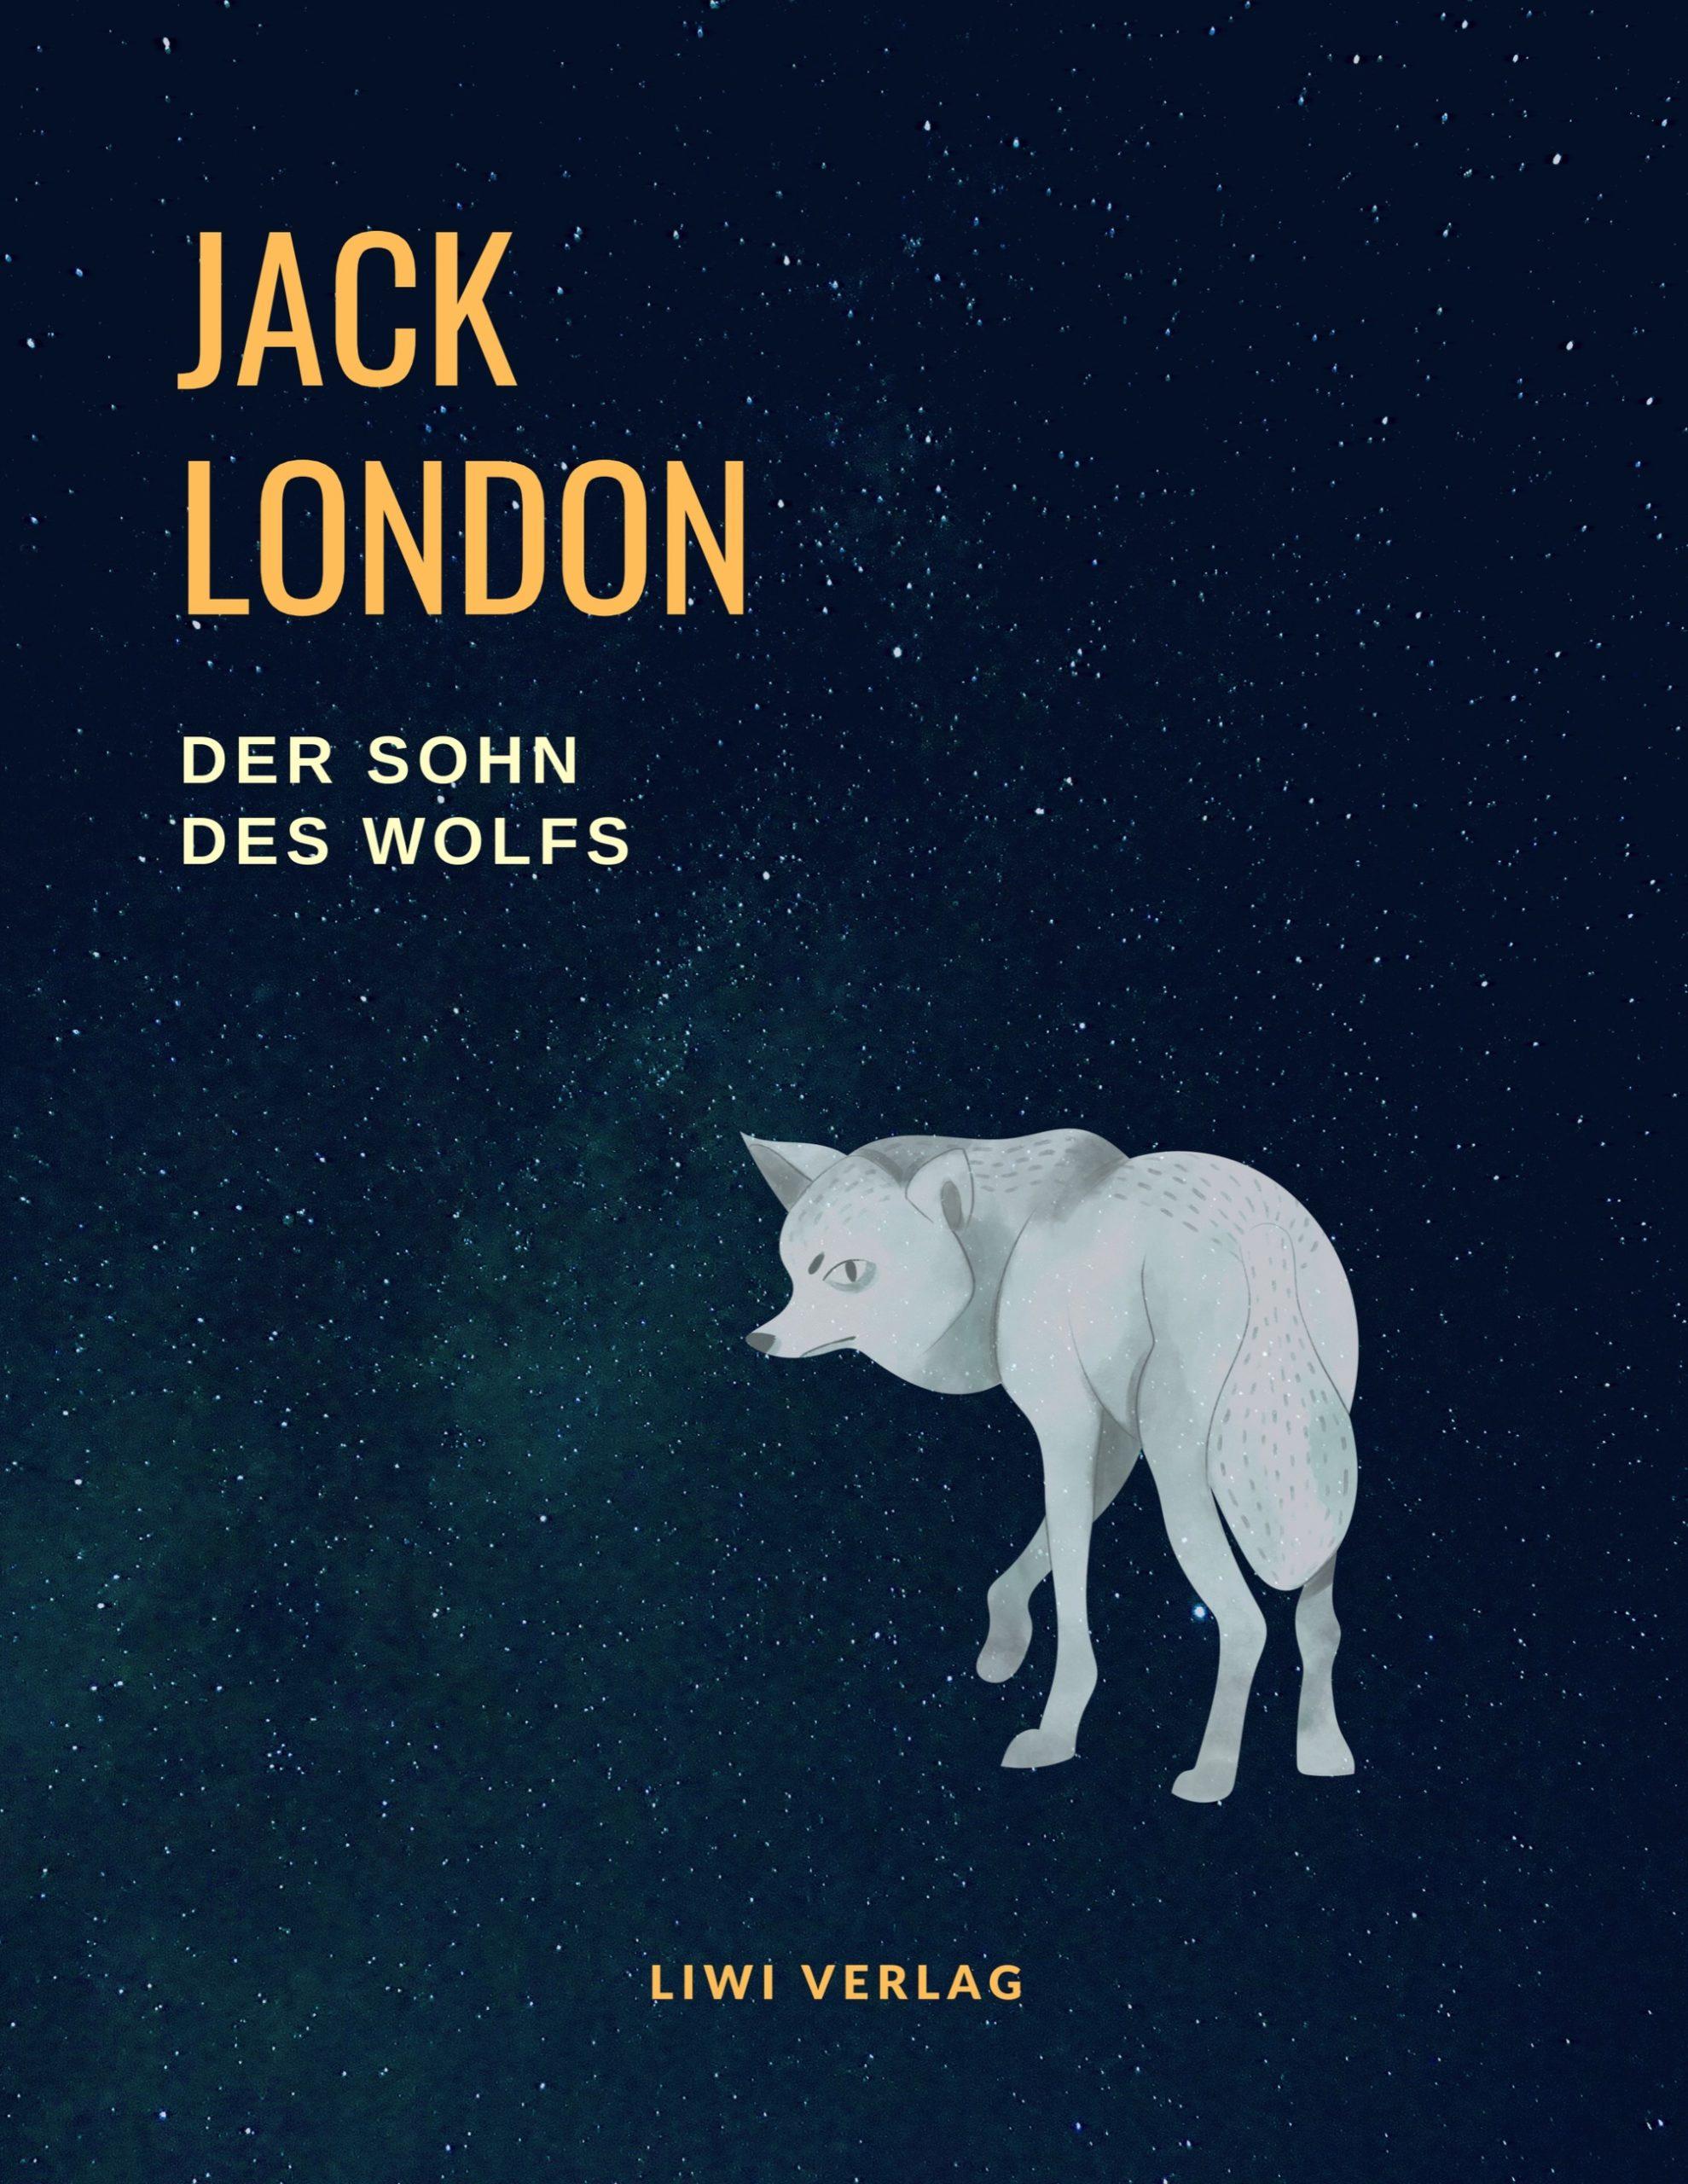 Jack London - Der Sohn des Wolfs